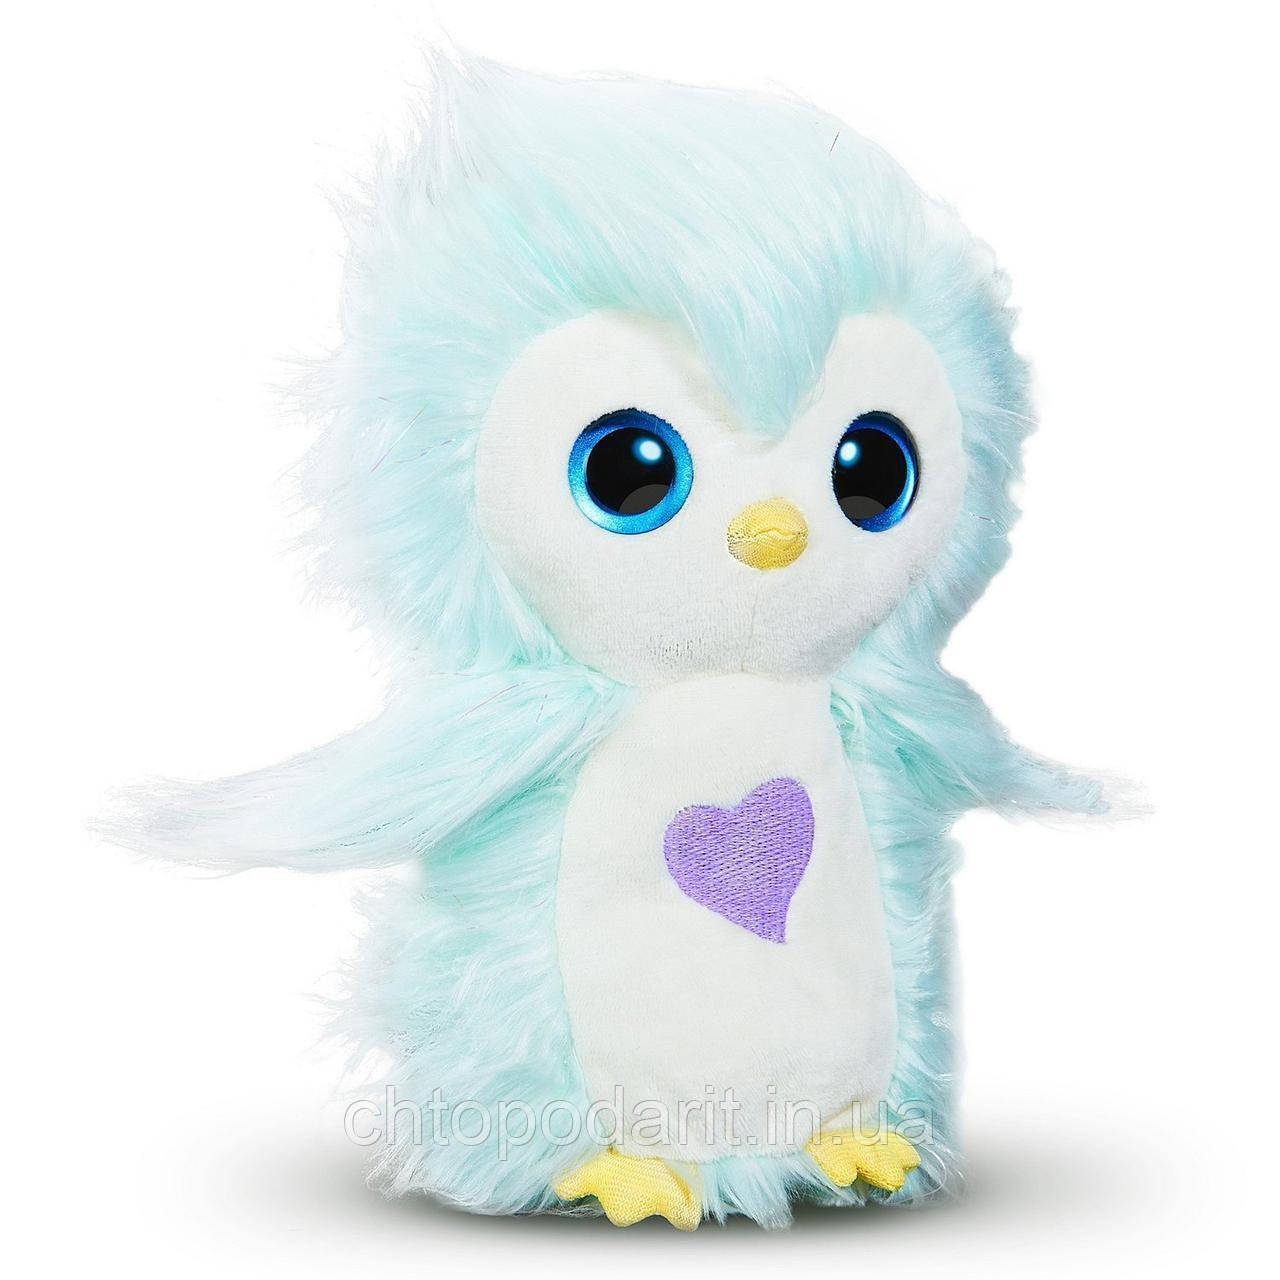 Пушистик потеряшка «Снежные друзья» игрушка сюрприз Scruff A Luvs Snow Pals Код 12-2189